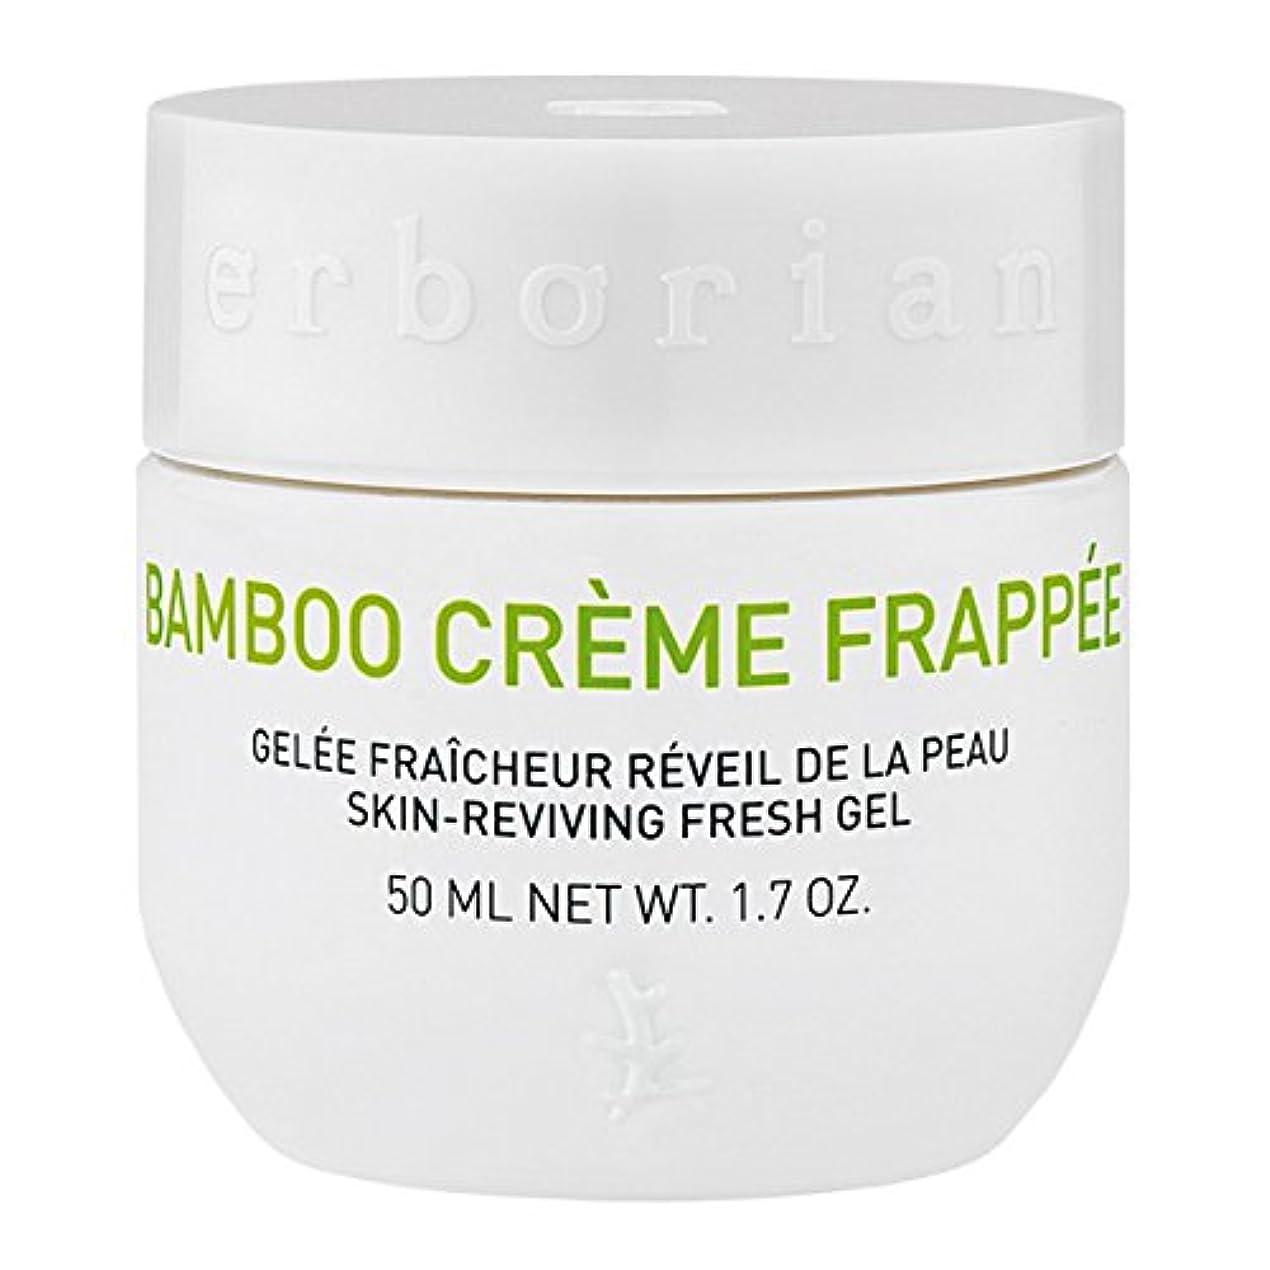 バブル見えない赤外線Erborian Bamboo Creme Frappee 50ml [並行輸入品]